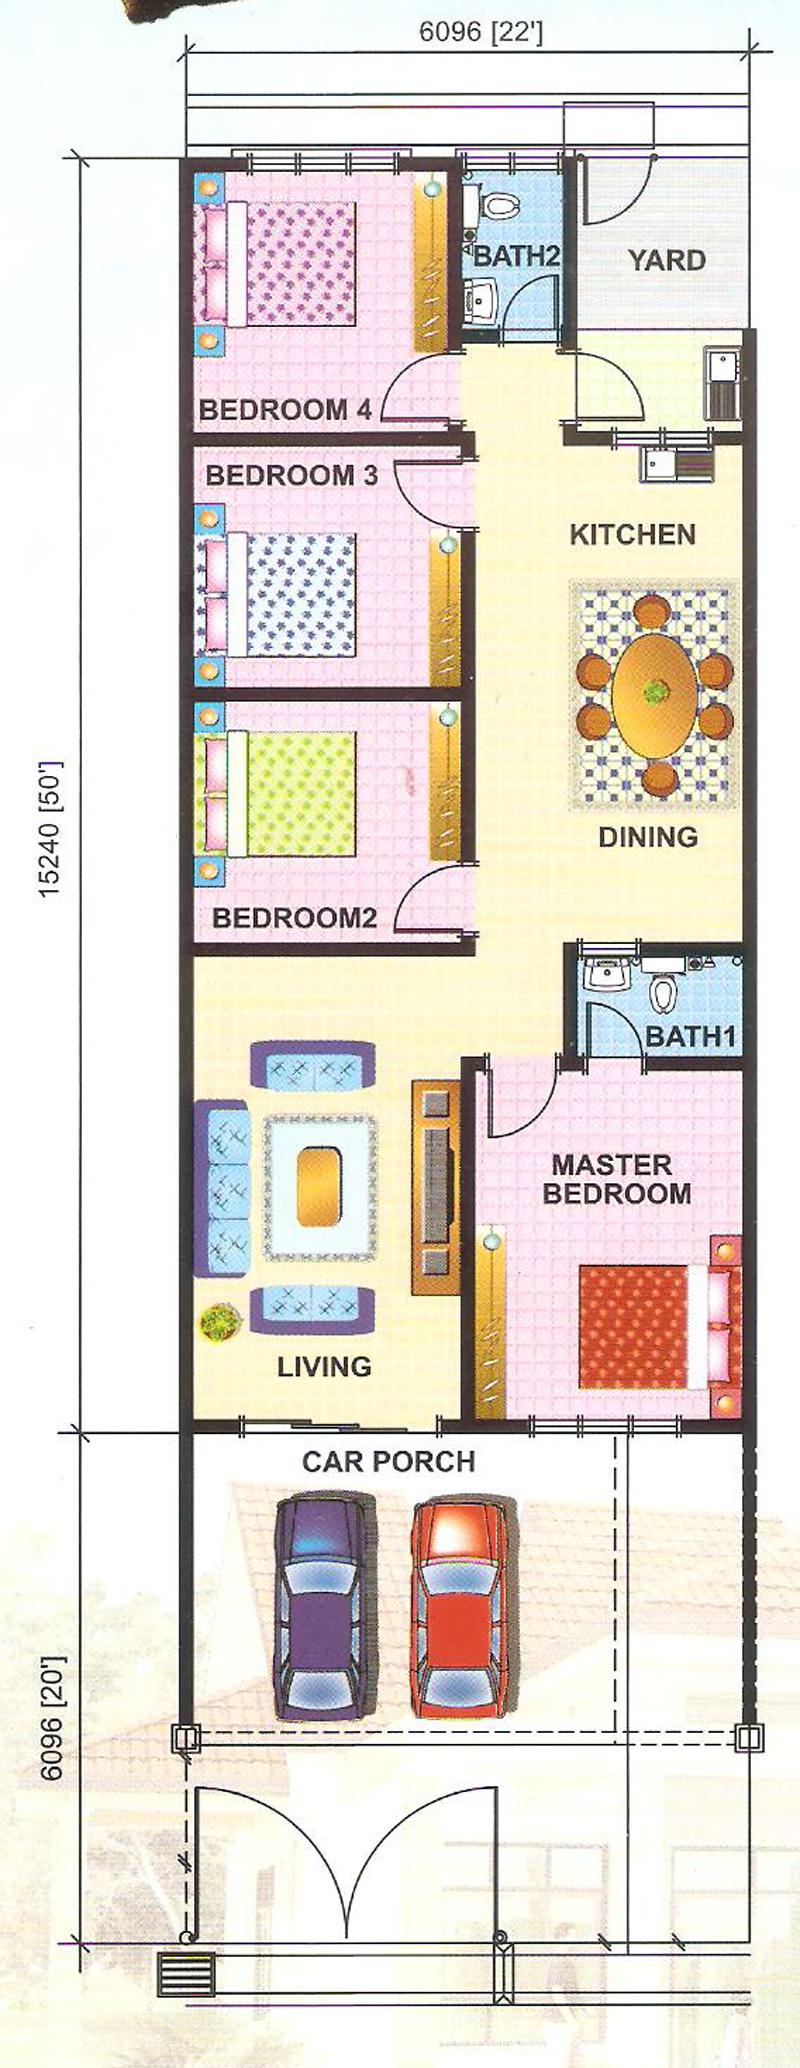 Taman-bukit-katil-pertmai-Terrace-House-single-floor